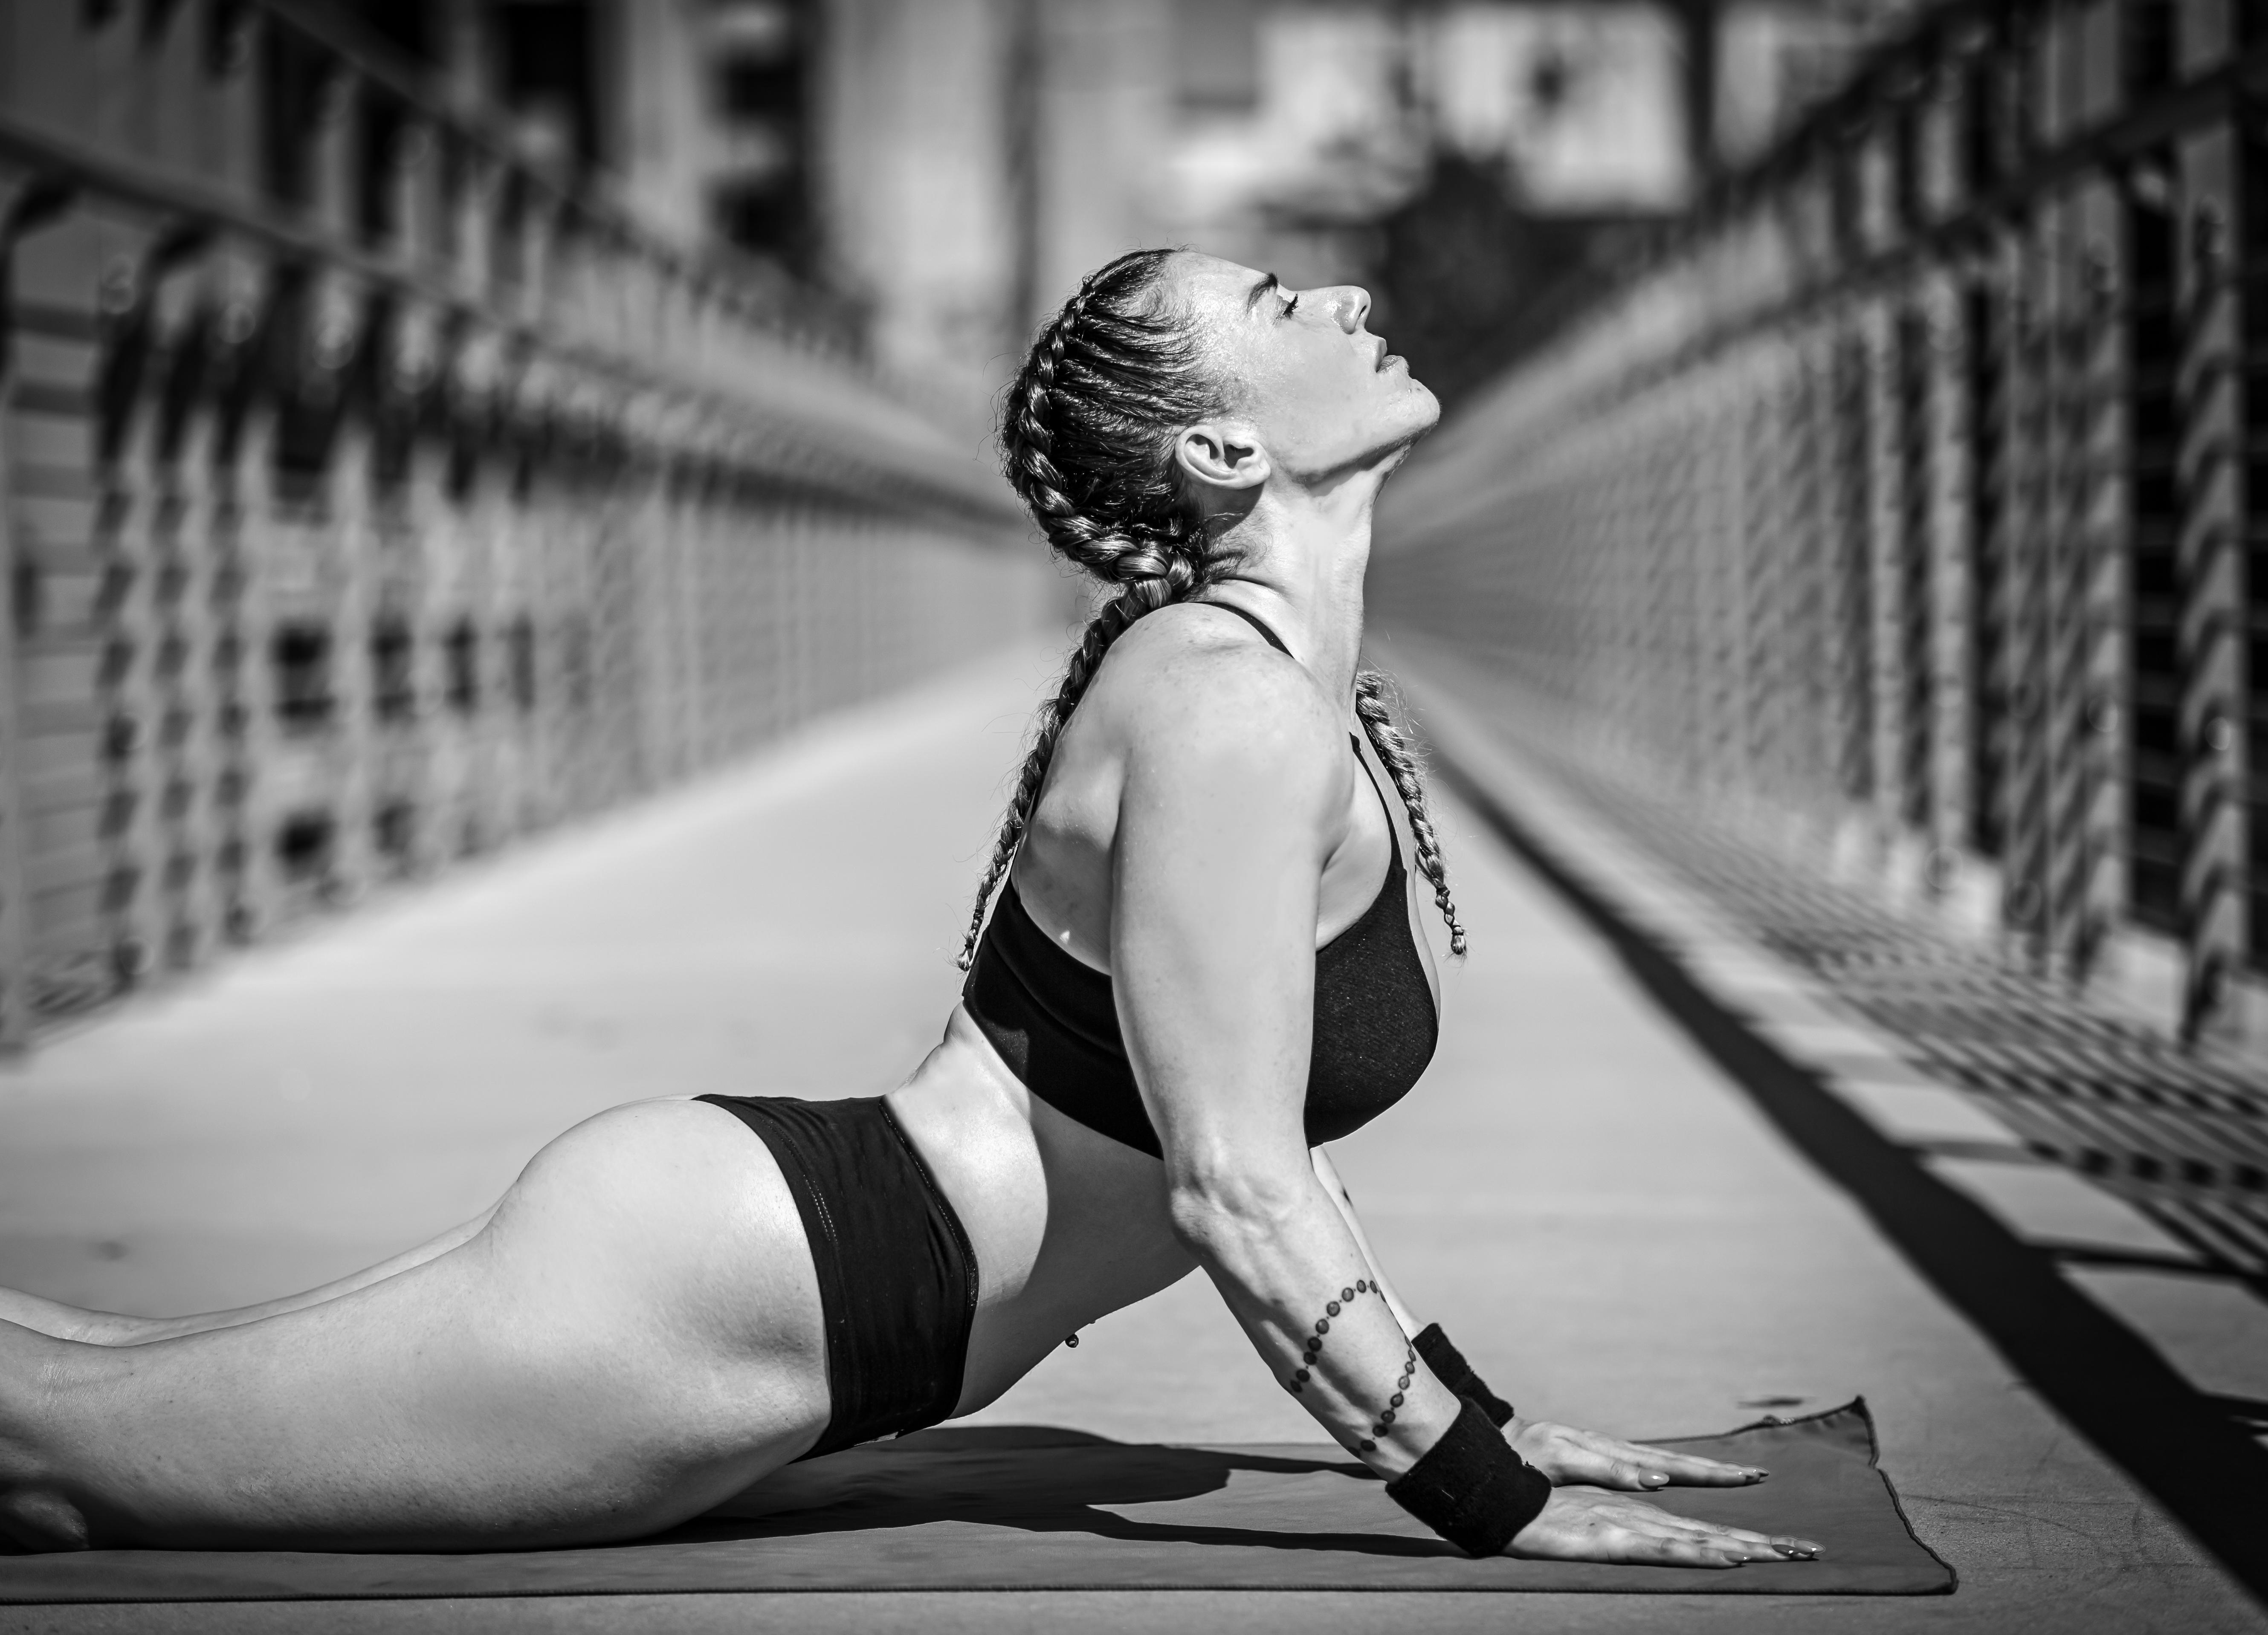 intervista a Valeria Colucci : Tutto inizia da un singolo passo; essere sé stessi…